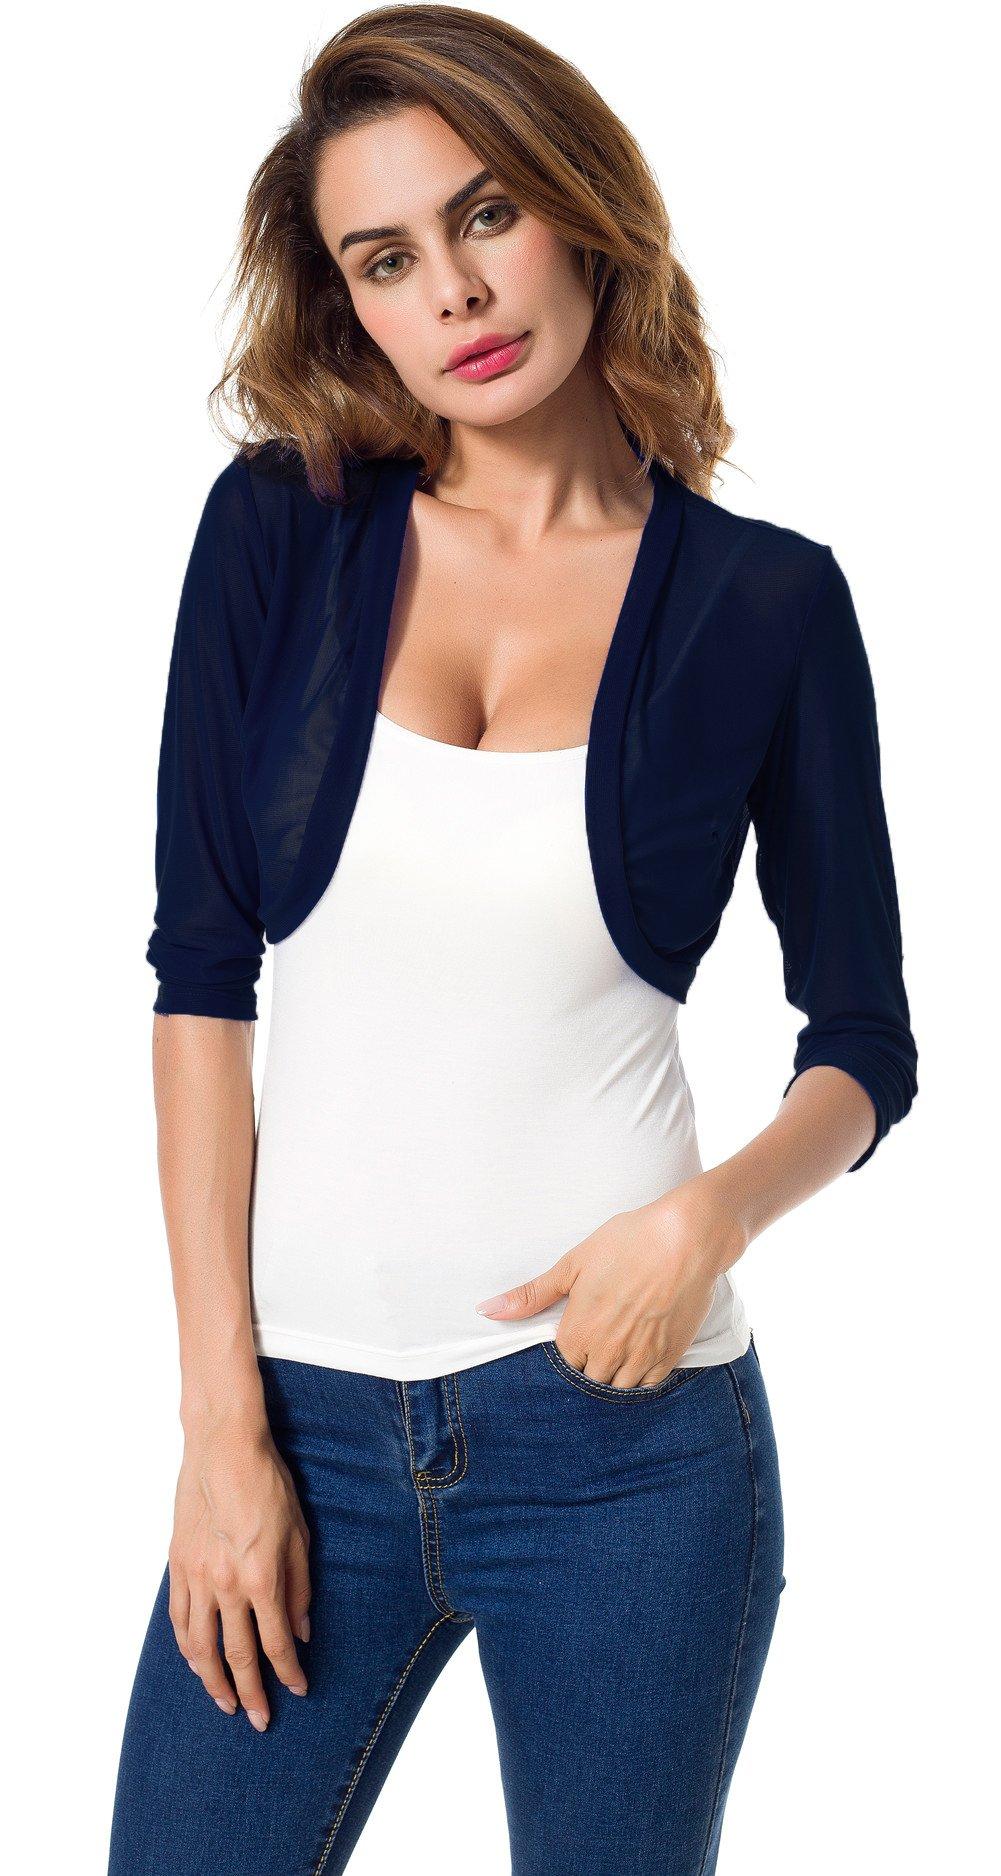 Tandisk Women's 3/4 Sleeve Bolero Sheer Chiffon Shrug Cardigan Navyblue L